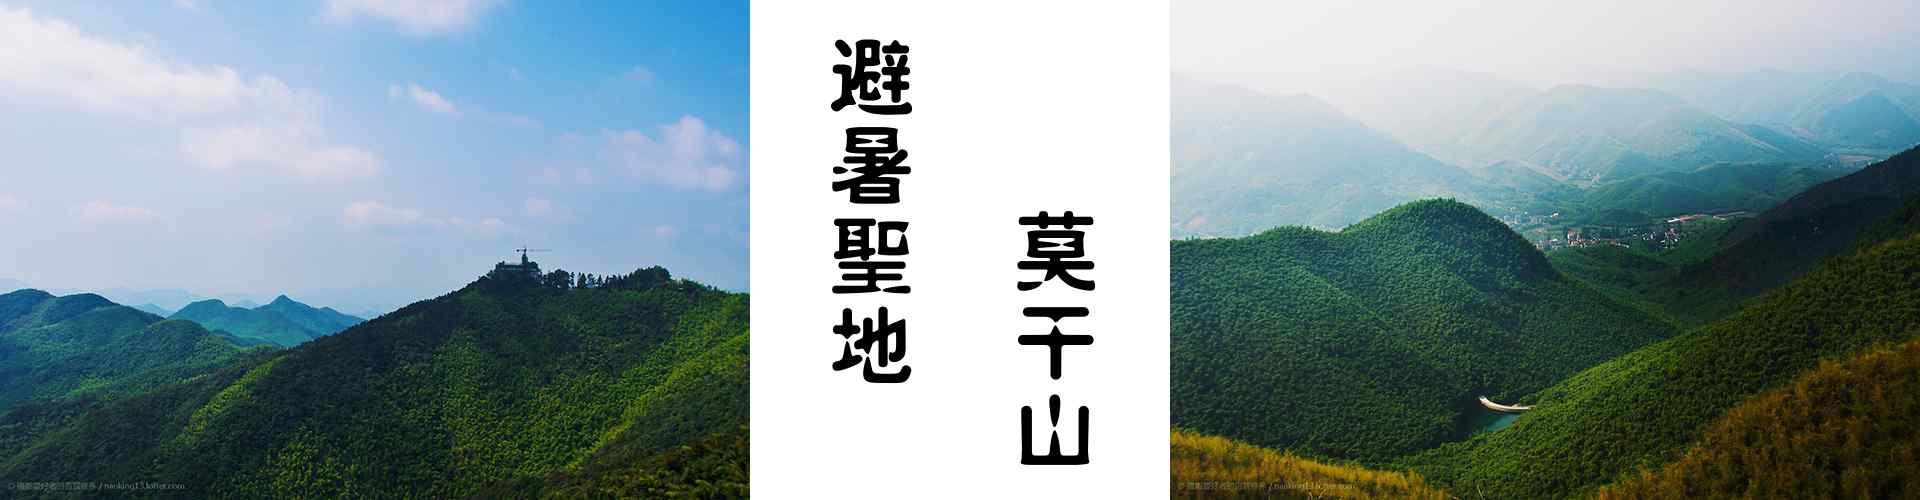 避暑圣地莫干山_莫干山图片_莫干山旅游攻略_浙江莫干山_风景壁纸